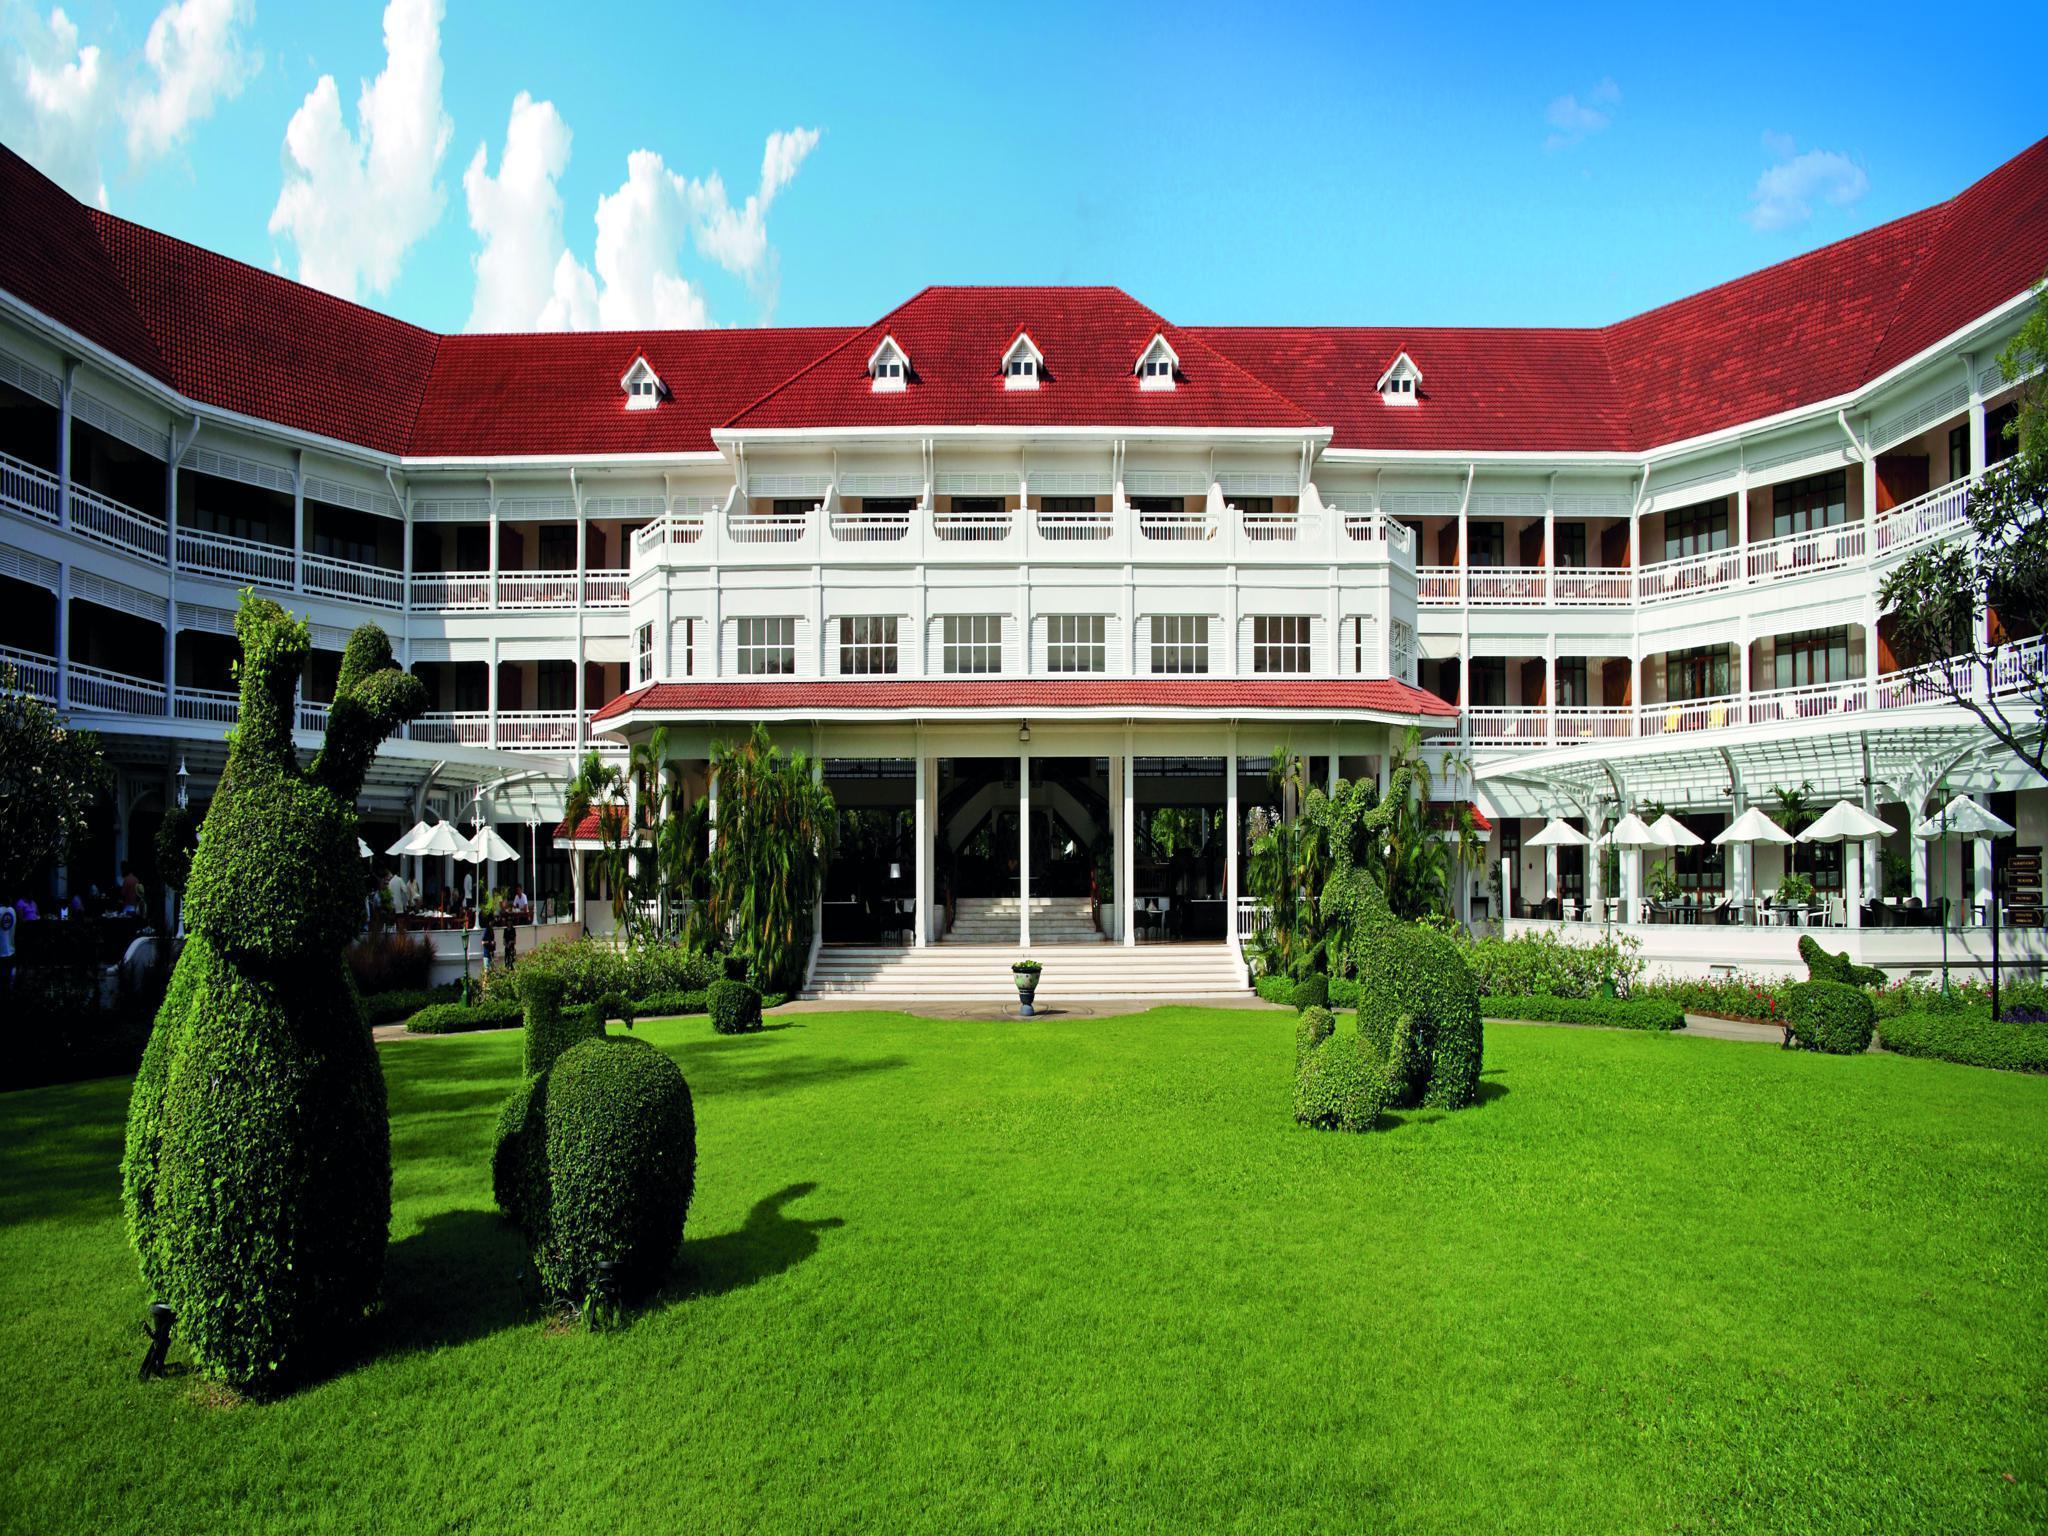 Centara Grand Beach Resort & Villas Hua Hin เซ็นทารา แกรนด์ รีสอร์ท แอนด์ วิลล่า หัวหิน